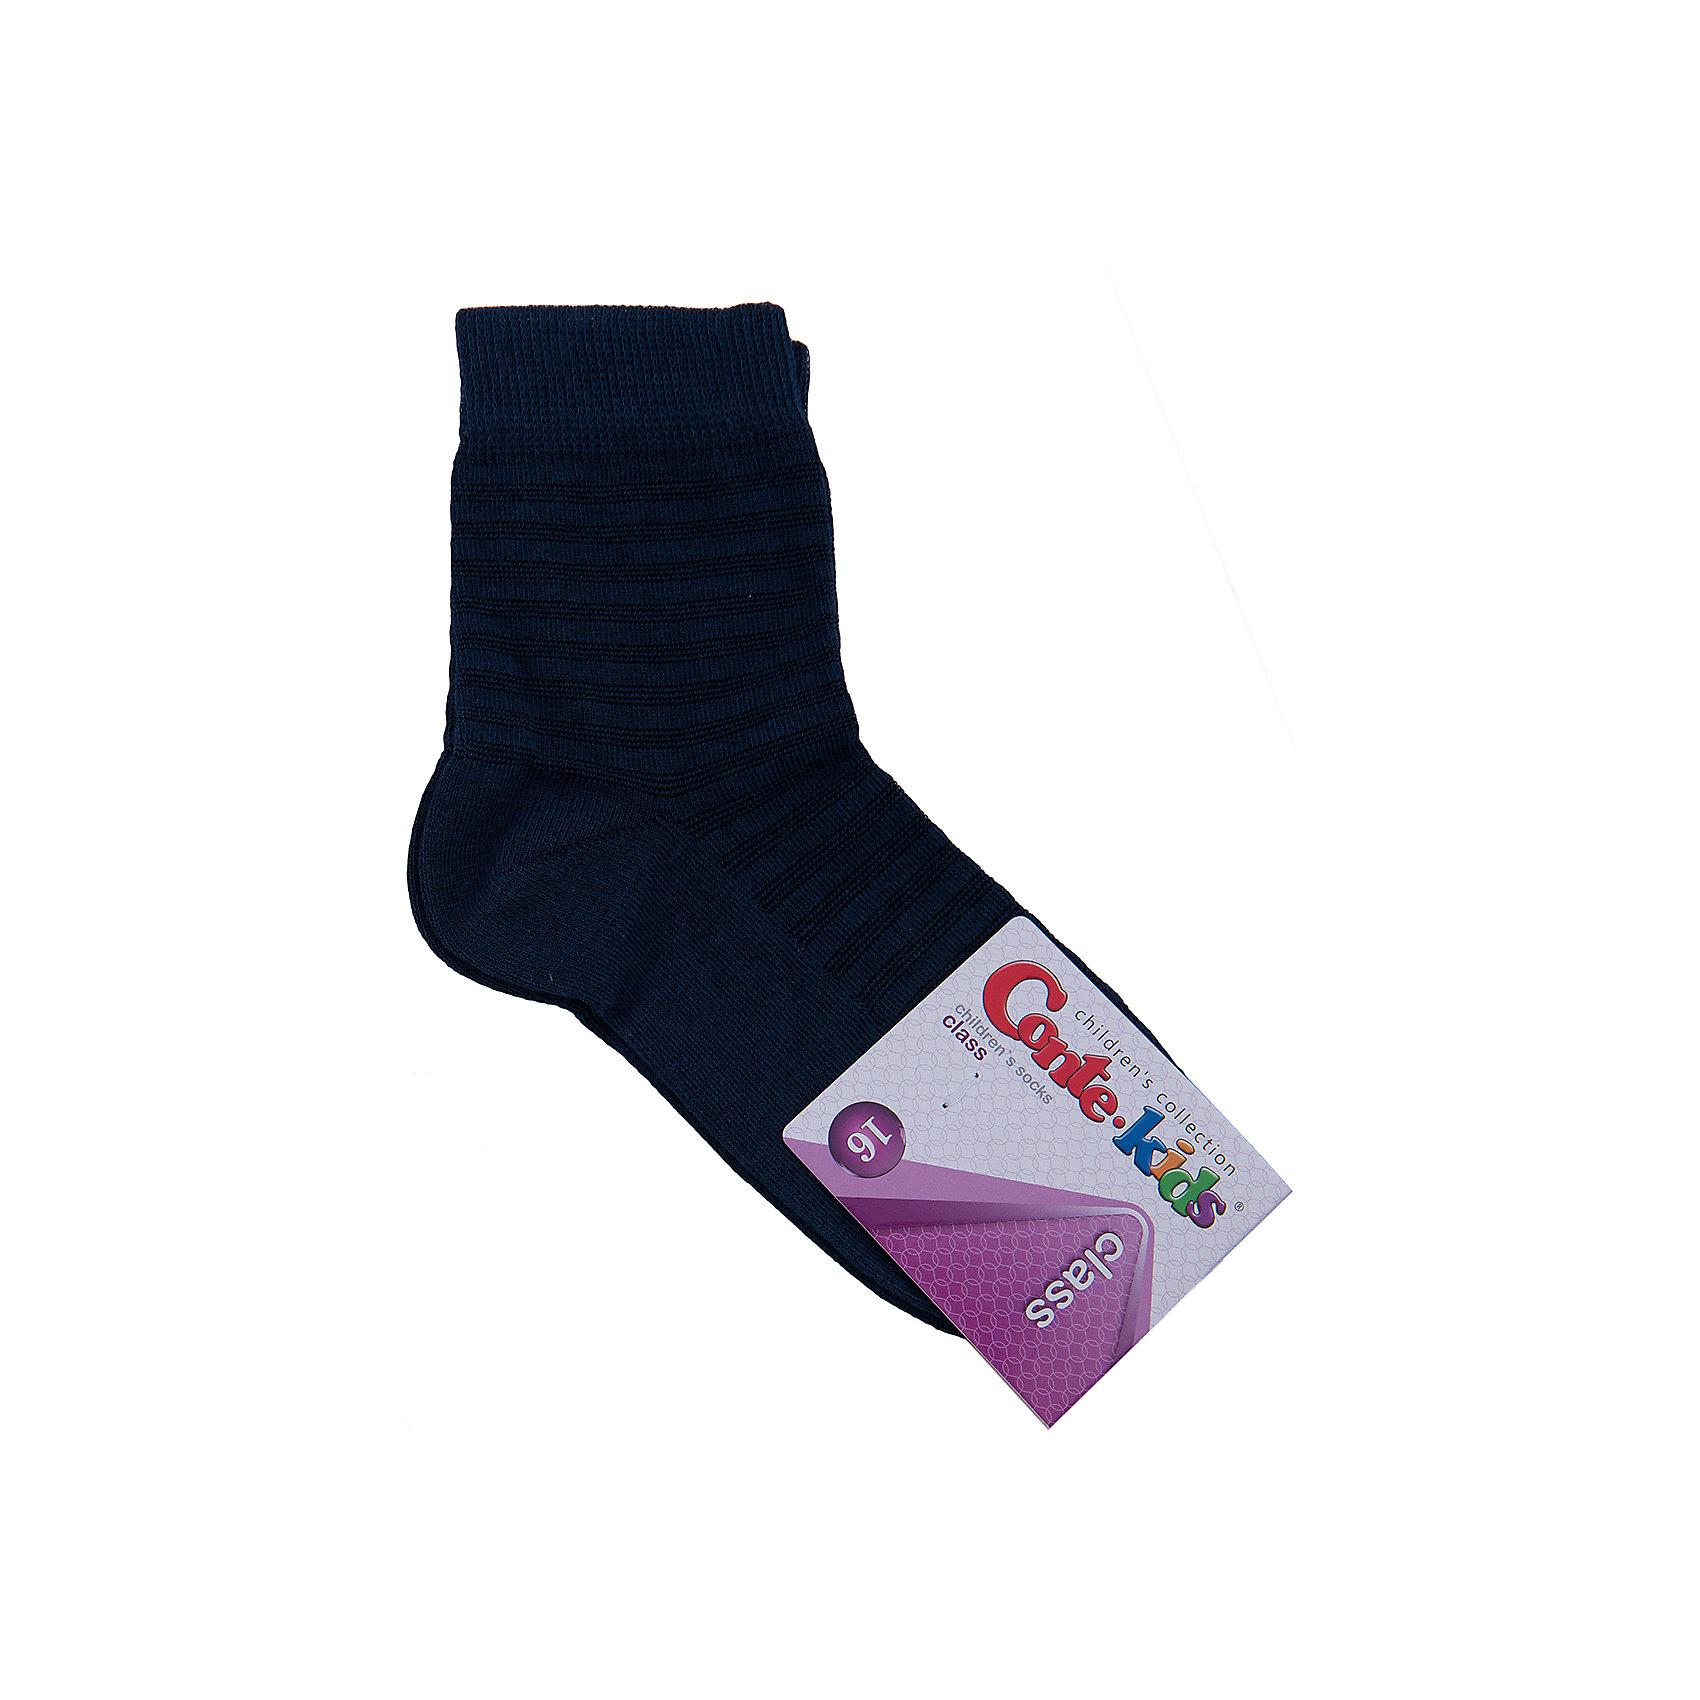 Носки  Conte-kidsНоски<br>Детские носки известной марки Conte-kids.<br>- Мягкие,  эластичные,  удобные и практичные.<br>- От белорусского производителя. <br>- Для девочек и мальчиков. <br><br>Состав: 50% - хлопок, 47,2% - полиамид, 2,8% - эластан.<br><br>Ширина мм: 87<br>Глубина мм: 10<br>Высота мм: 105<br>Вес г: 115<br>Цвет: синий<br>Возраст от месяцев: 48<br>Возраст до месяцев: 60<br>Пол: Унисекс<br>Возраст: Детский<br>Размер: 16<br>SKU: 4830294